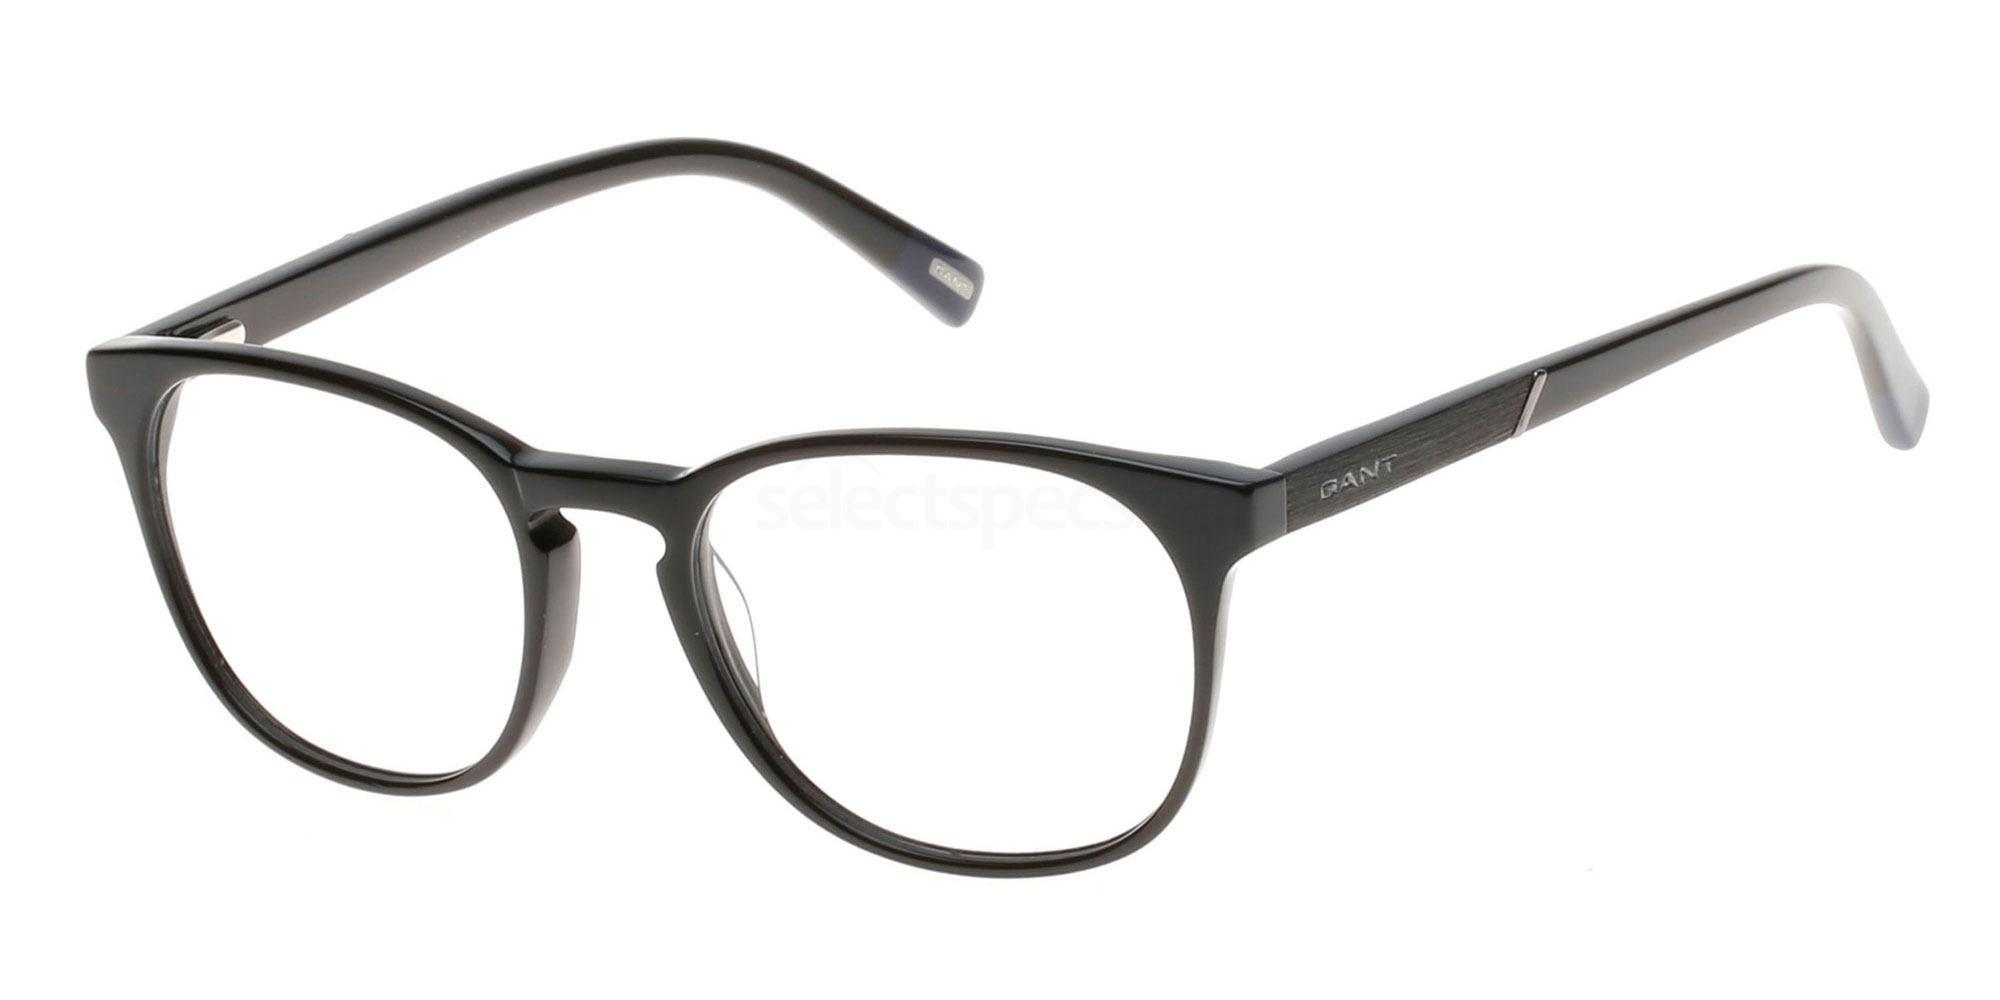 001 G 3048 /GA3048 Glasses, Gant